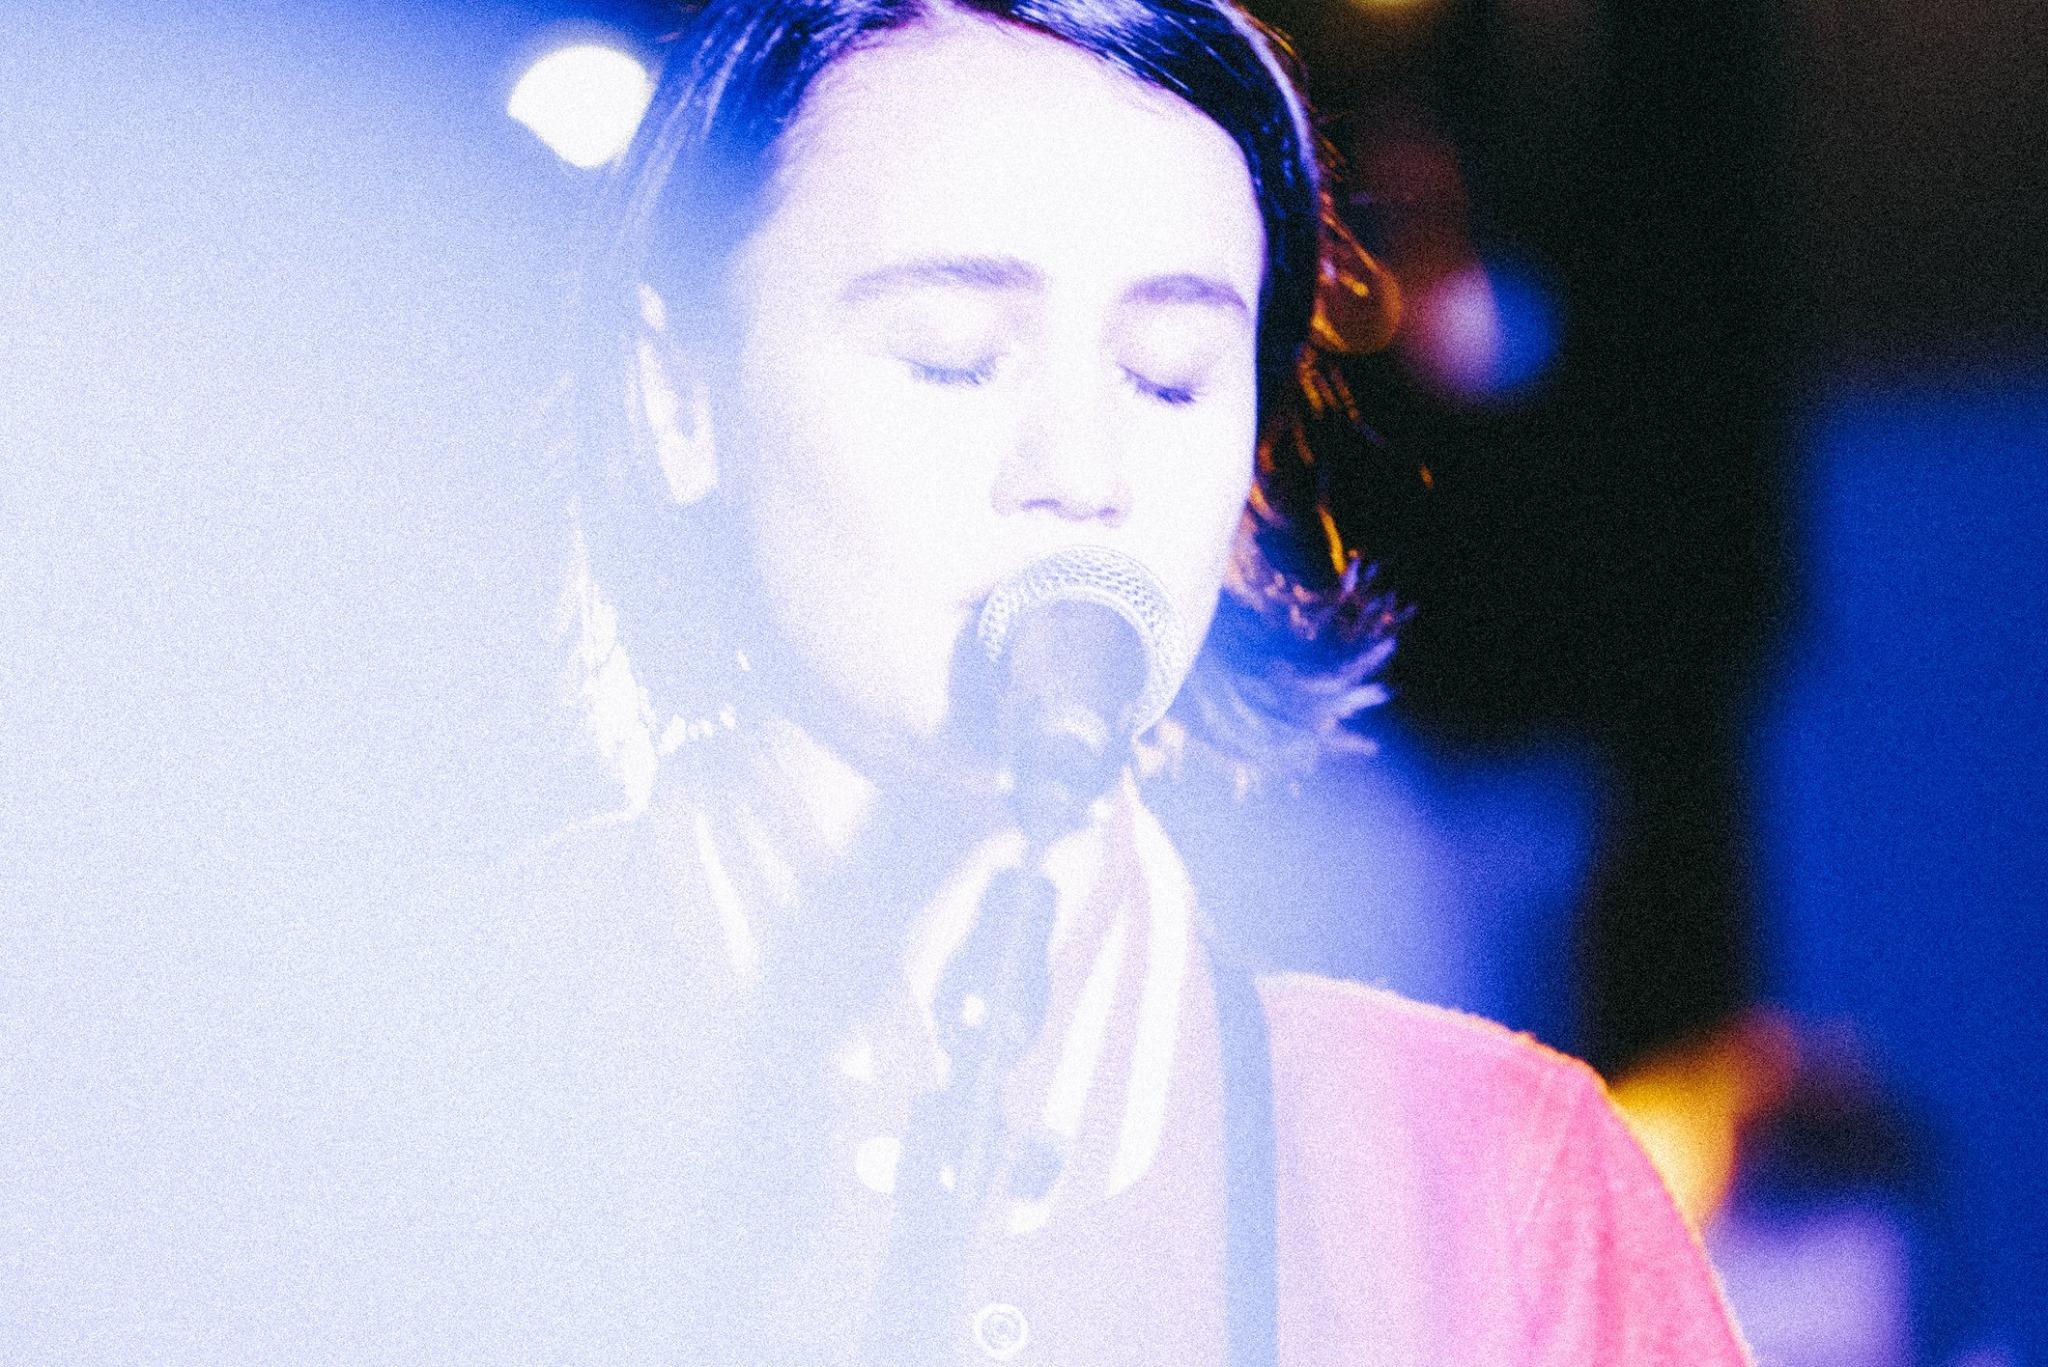 Laura Carbone hat hinreißende Rockriffs & Vocals mit auf Tour.